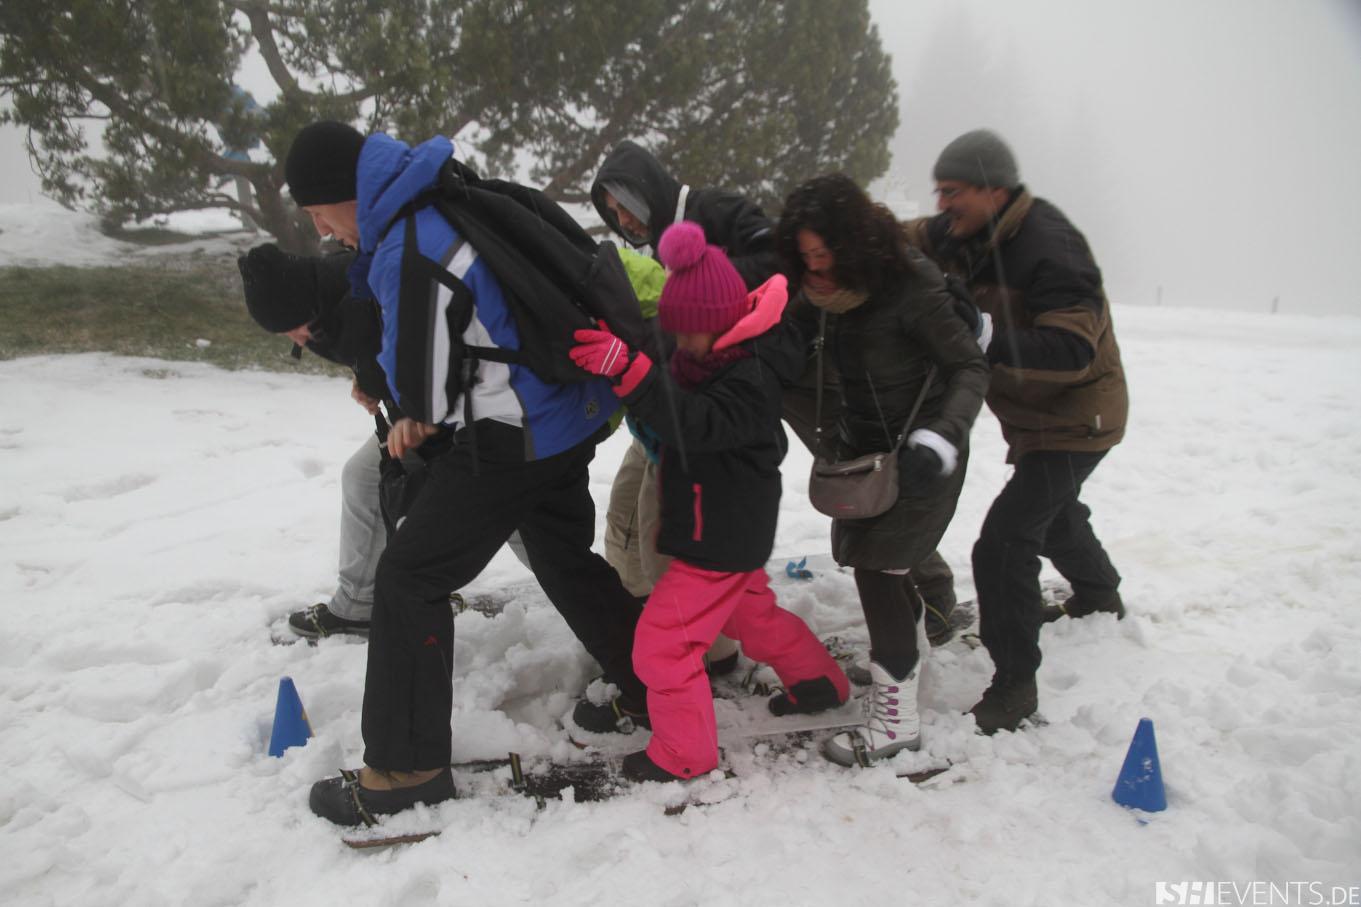 Teamskilauf im Schnee